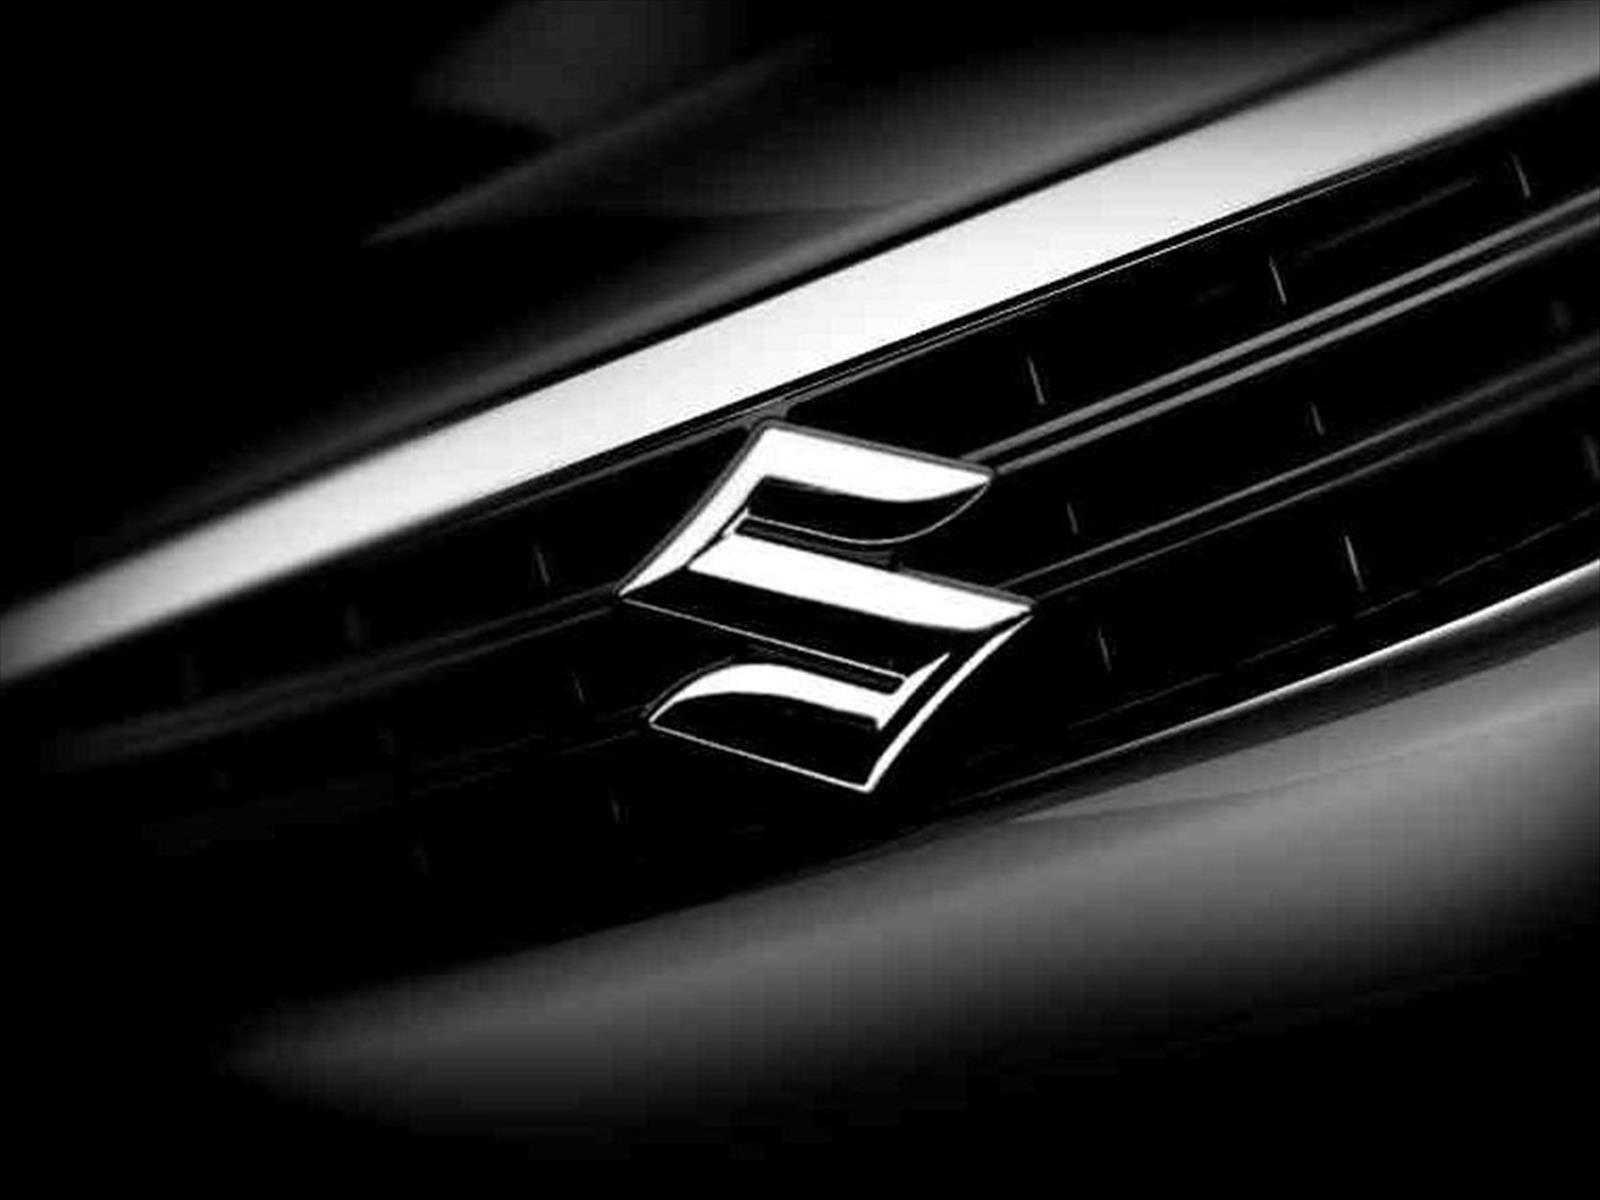 Suzuki puede festejar: Sus ventas aumentan a nivel mundial